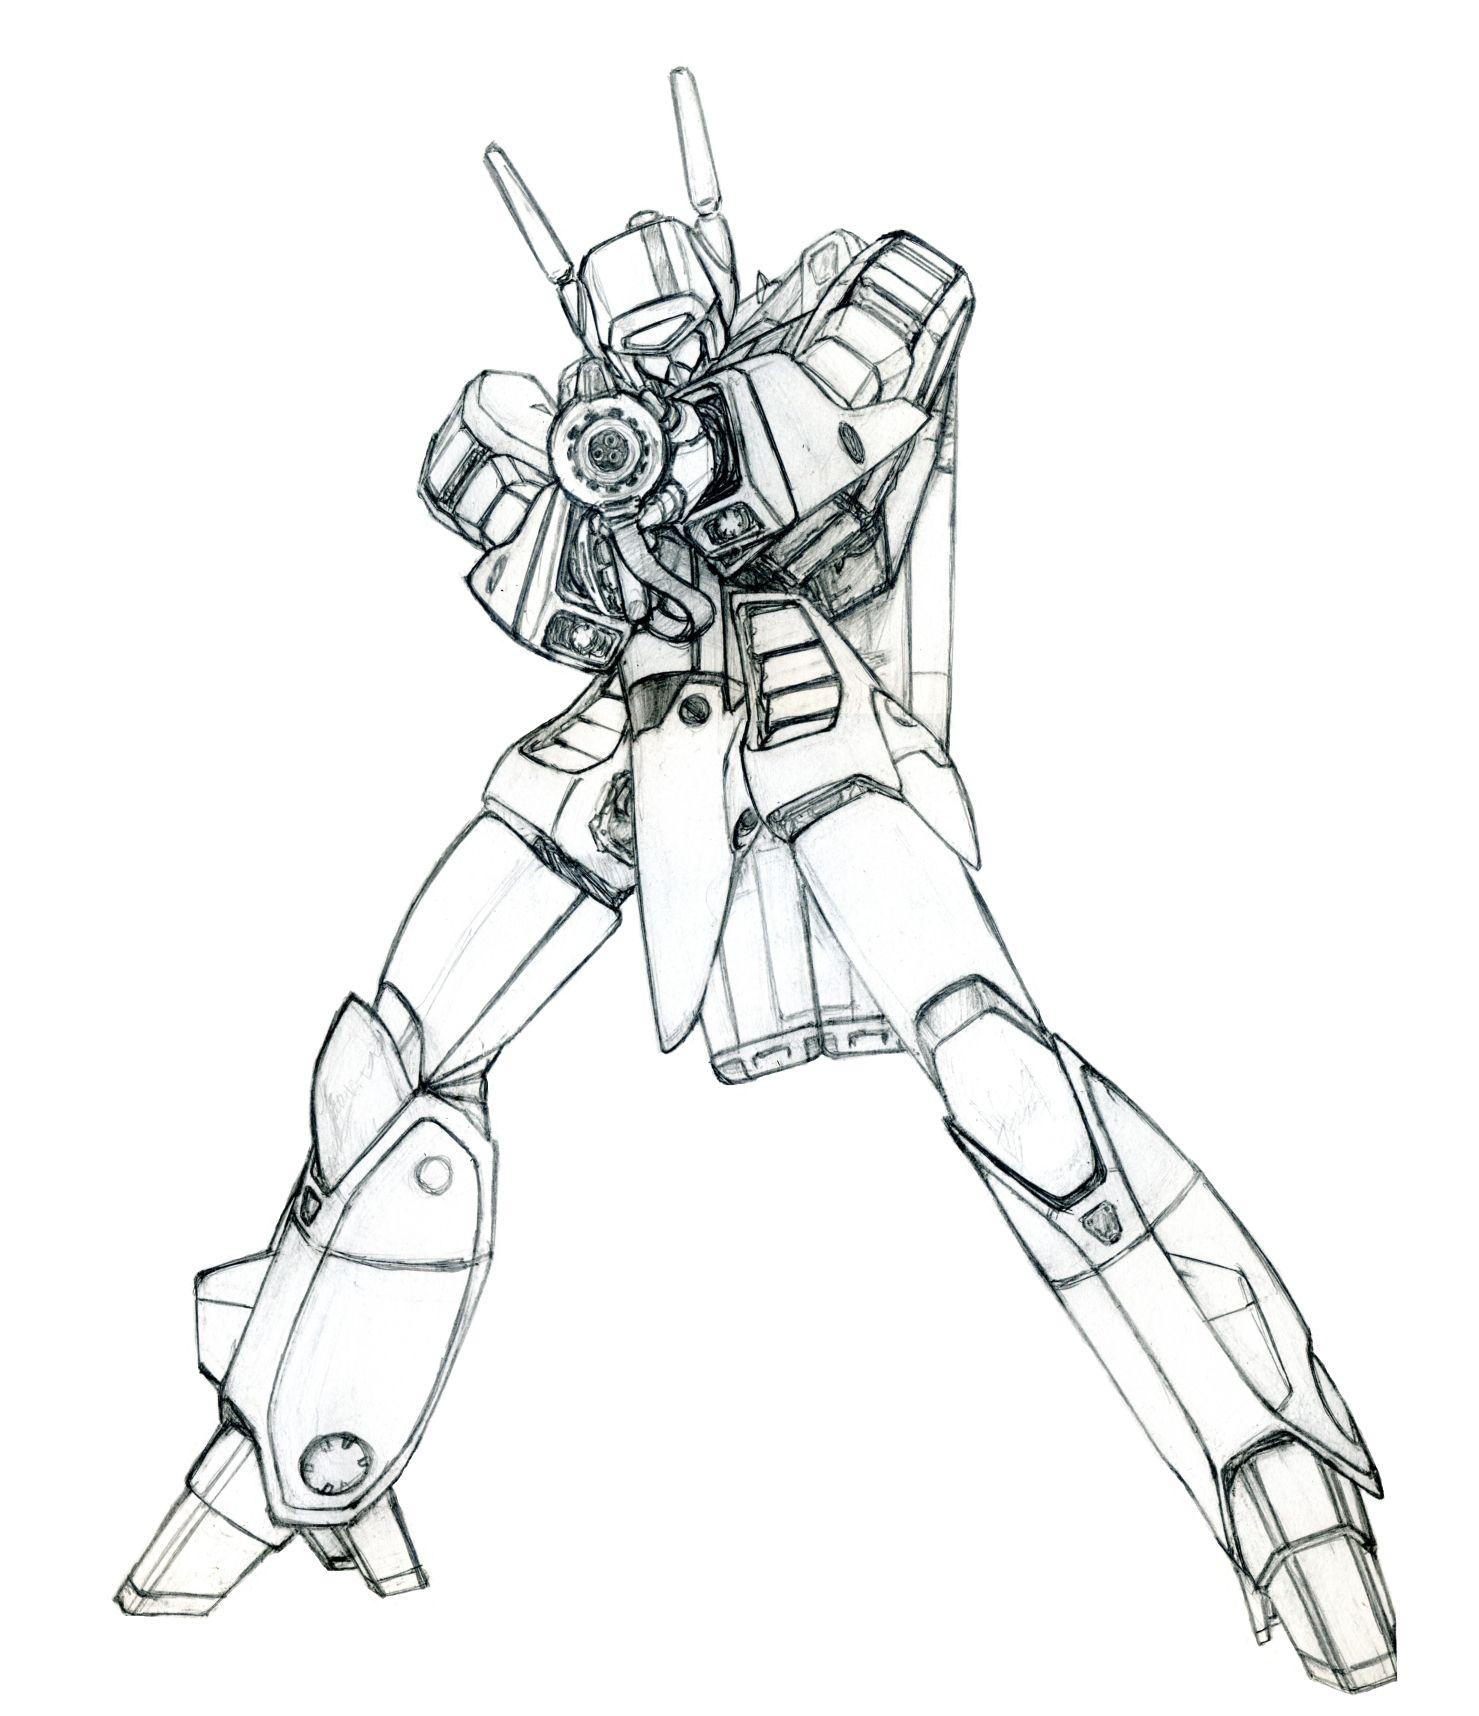 バトロイド バルキリー 人型 ロボット イラスト 超時空要塞マクロス